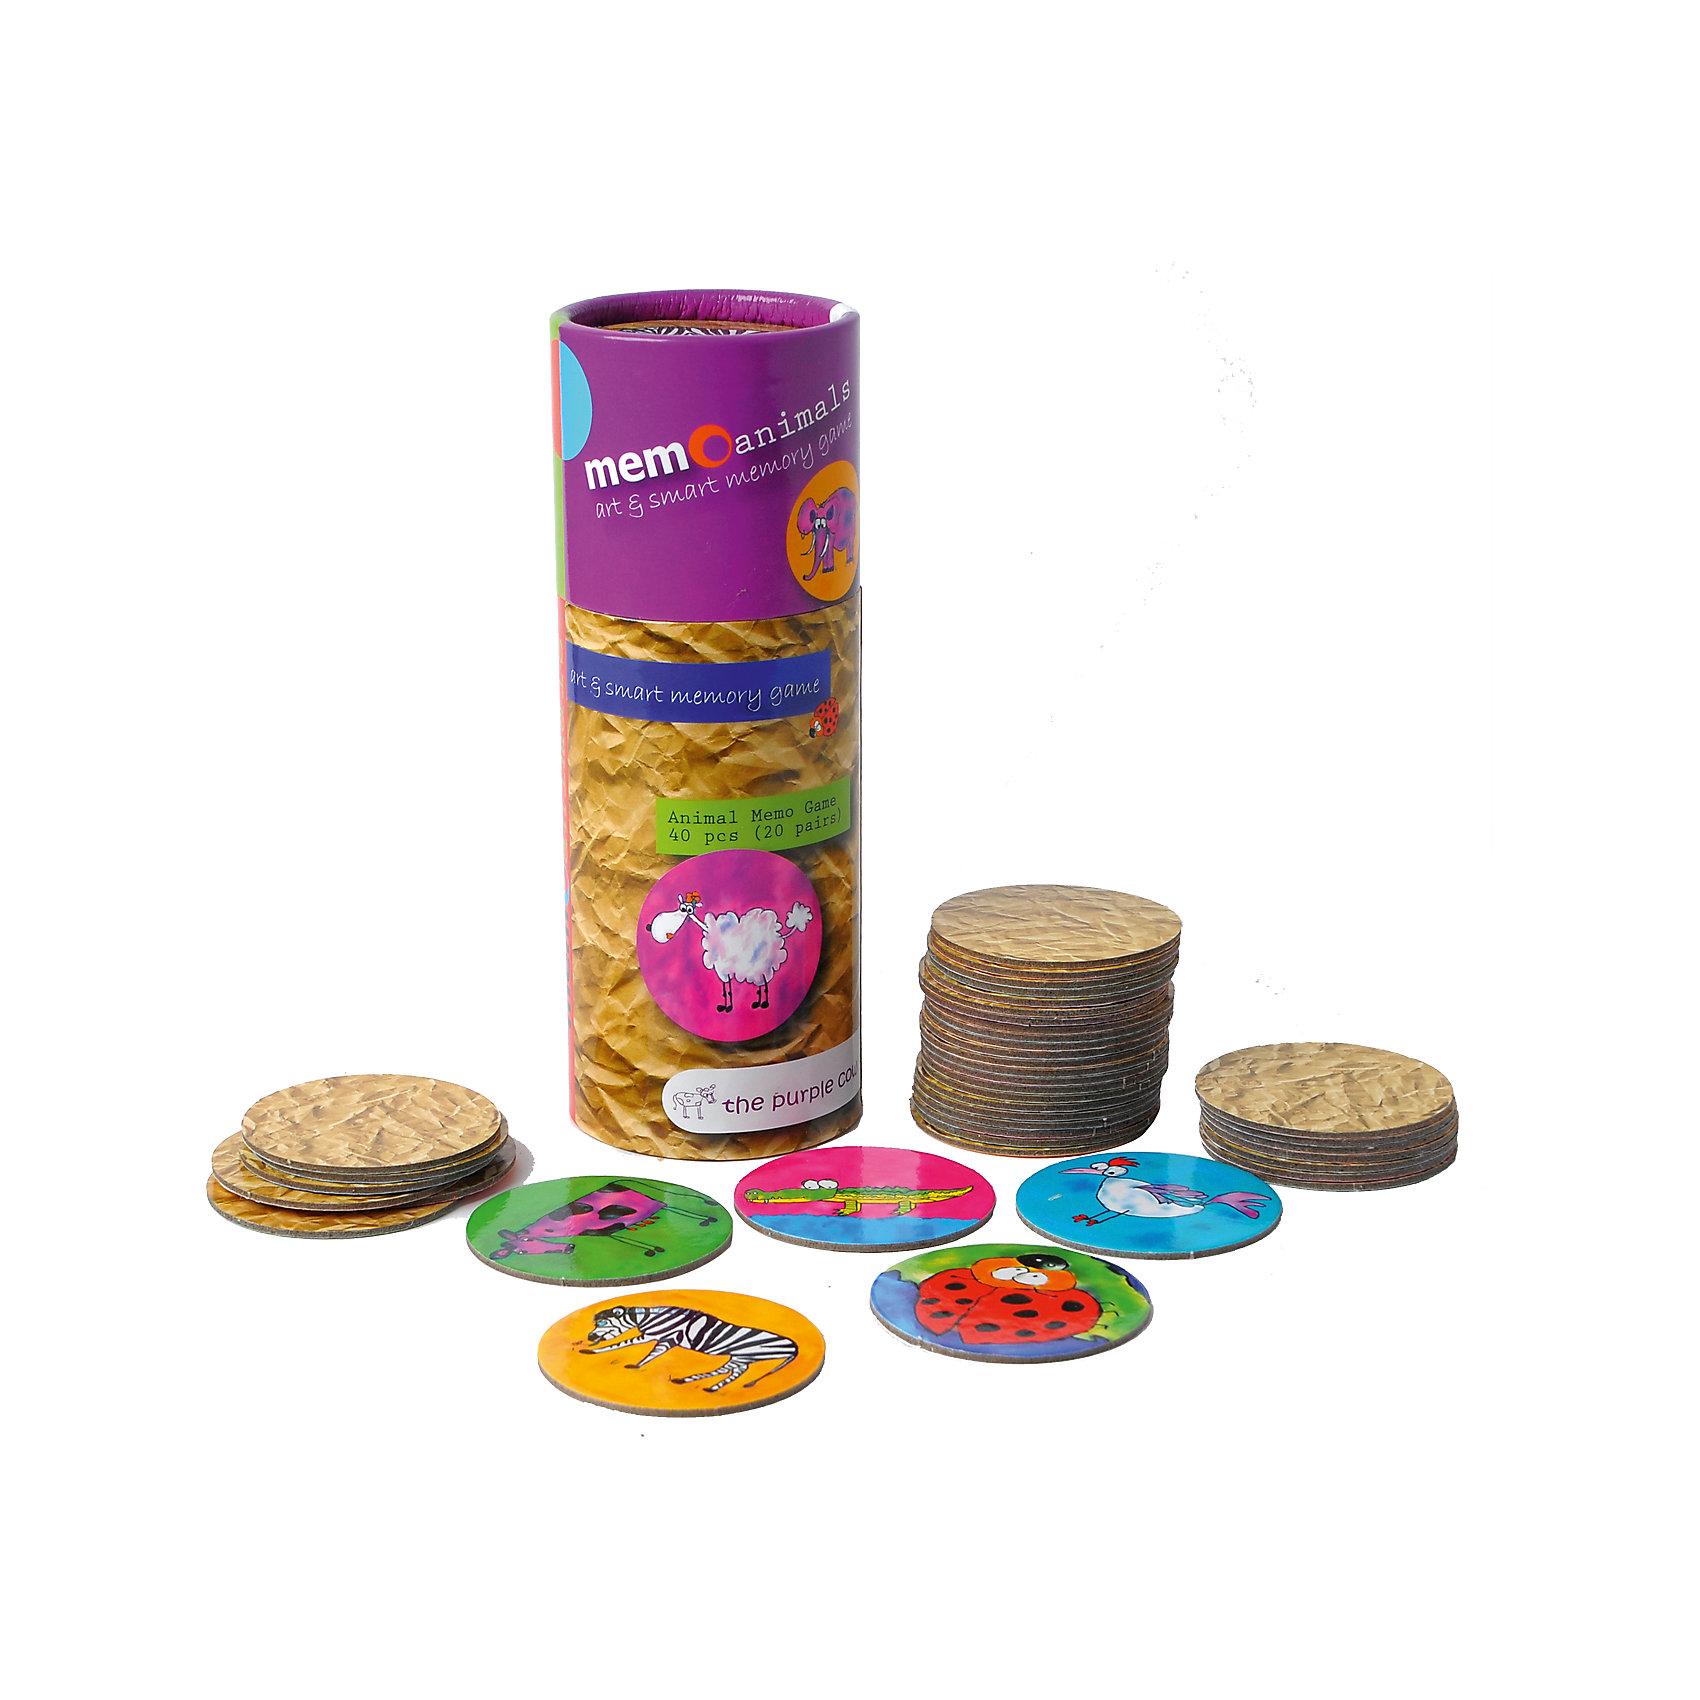 Игра для развития памяти - Животные, The Purple CowИгры мемо<br>Характеристики настольной игры The Purple Cow:<br><br>• правила игры напоминают игру для развития памяти мемо;<br>• в процессе игры развивается память и внимание;<br>• в комплекте карточки-картинки из плотного картона;<br>• всего в наборе 20 пар одинаковых карточек;<br>• материал: картон;<br>• диаметр упаковки: 9 см;<br>• высота упаковки: 25 см<br><br>Как играть:<br><br>• карточки выкладываются рубашками вверх;<br>• игроки поочередно поднимают две карточки, запоминают картинки;<br>• когда попадаются пары, игрок забирает их себе и ходит еще раз;<br>• если карточки разные и изображения не совпали, карточки переворачиваются и ход переходит к другому игроку;<br>• победителем считается игрок, который соберет больше всего пар с одинаковыми картинками.<br><br>Игру для развития памяти - Животные, The Purple Cow можно купить в нашем интернет-магазине.<br><br>Ширина мм: 17<br>Глубина мм: 7<br>Высота мм: 7<br>Вес г: 210<br>Возраст от месяцев: 36<br>Возраст до месяцев: 2147483647<br>Пол: Унисекс<br>Возраст: Детский<br>SKU: 5007047